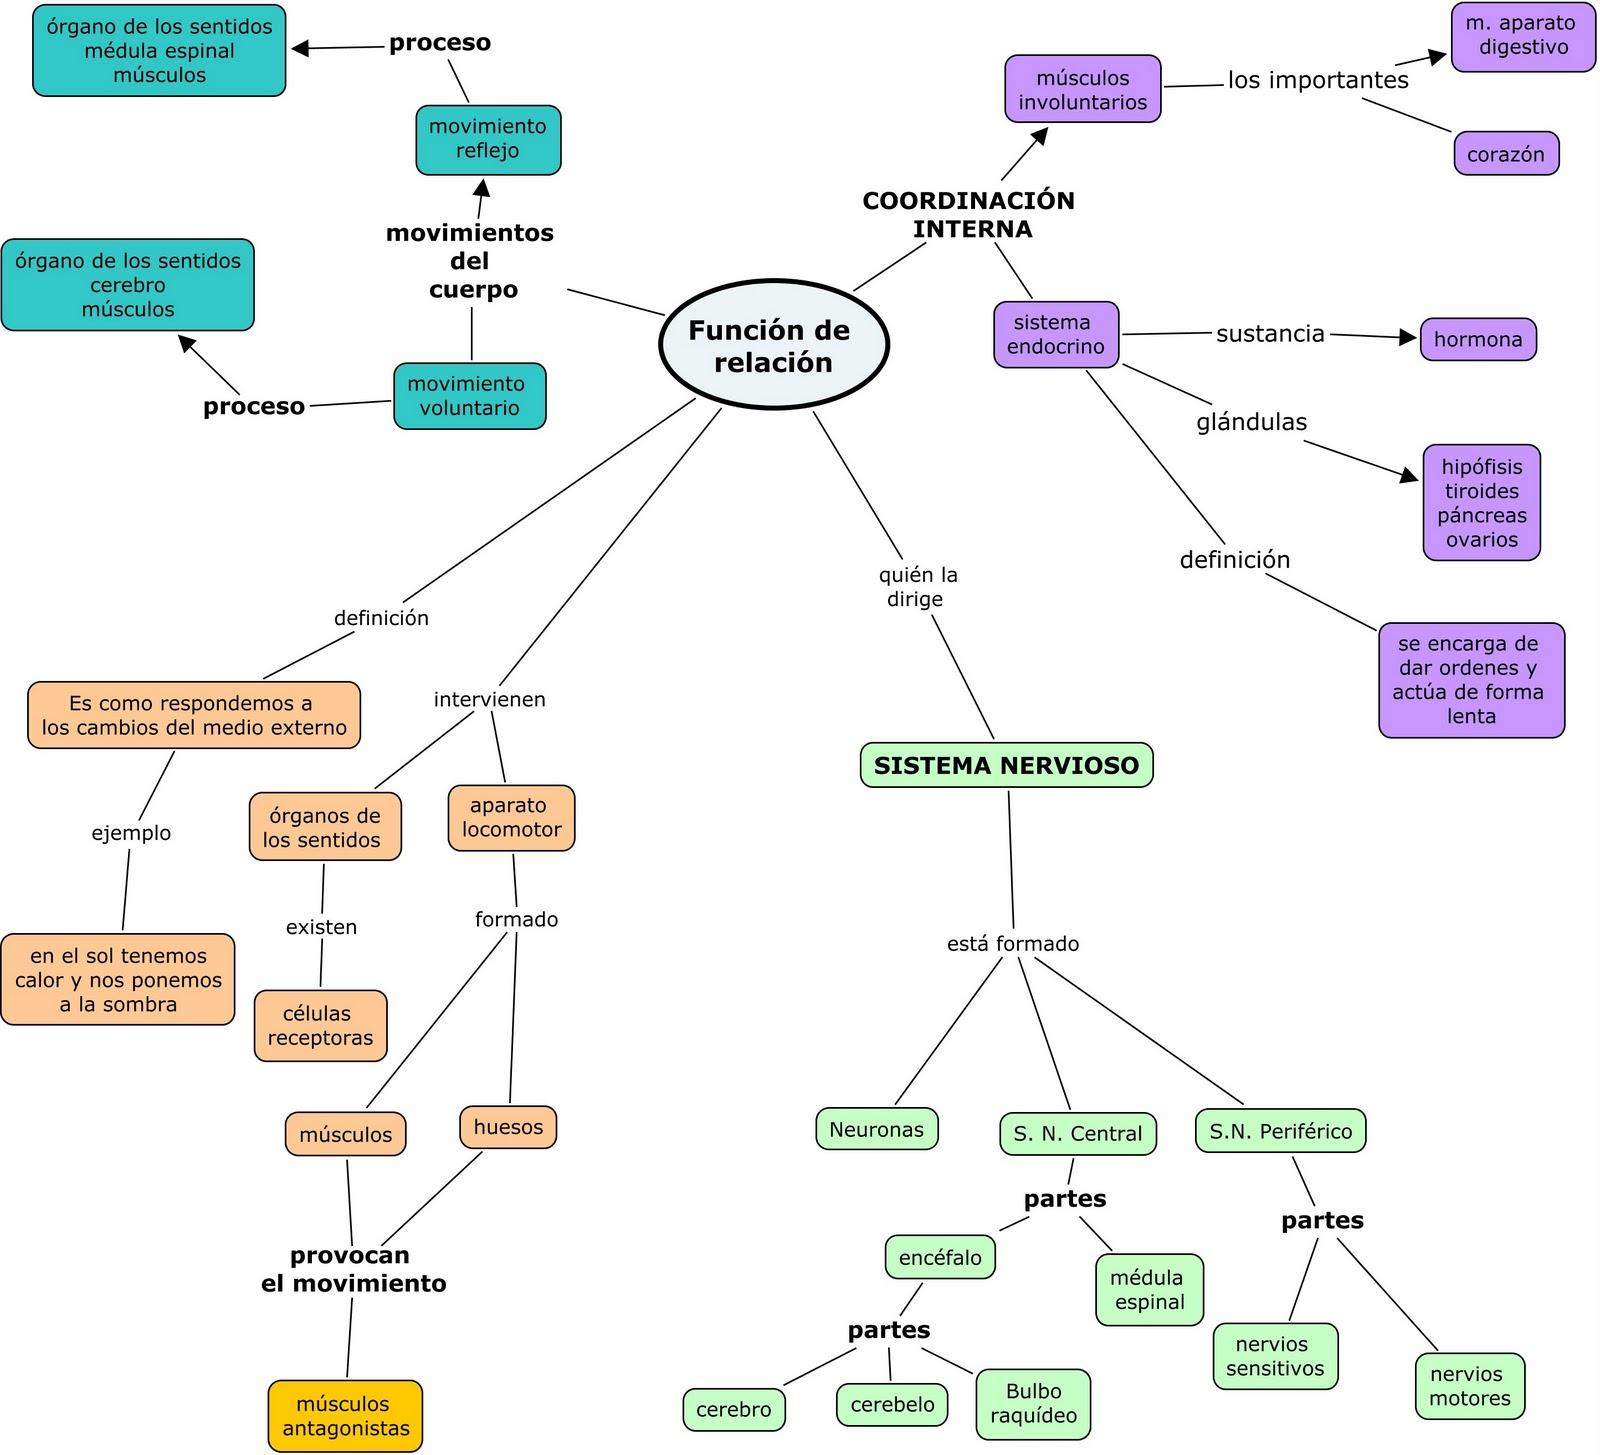 Encantador Diagrama De Sistemas Del Cuerpo Humano Colección de ...